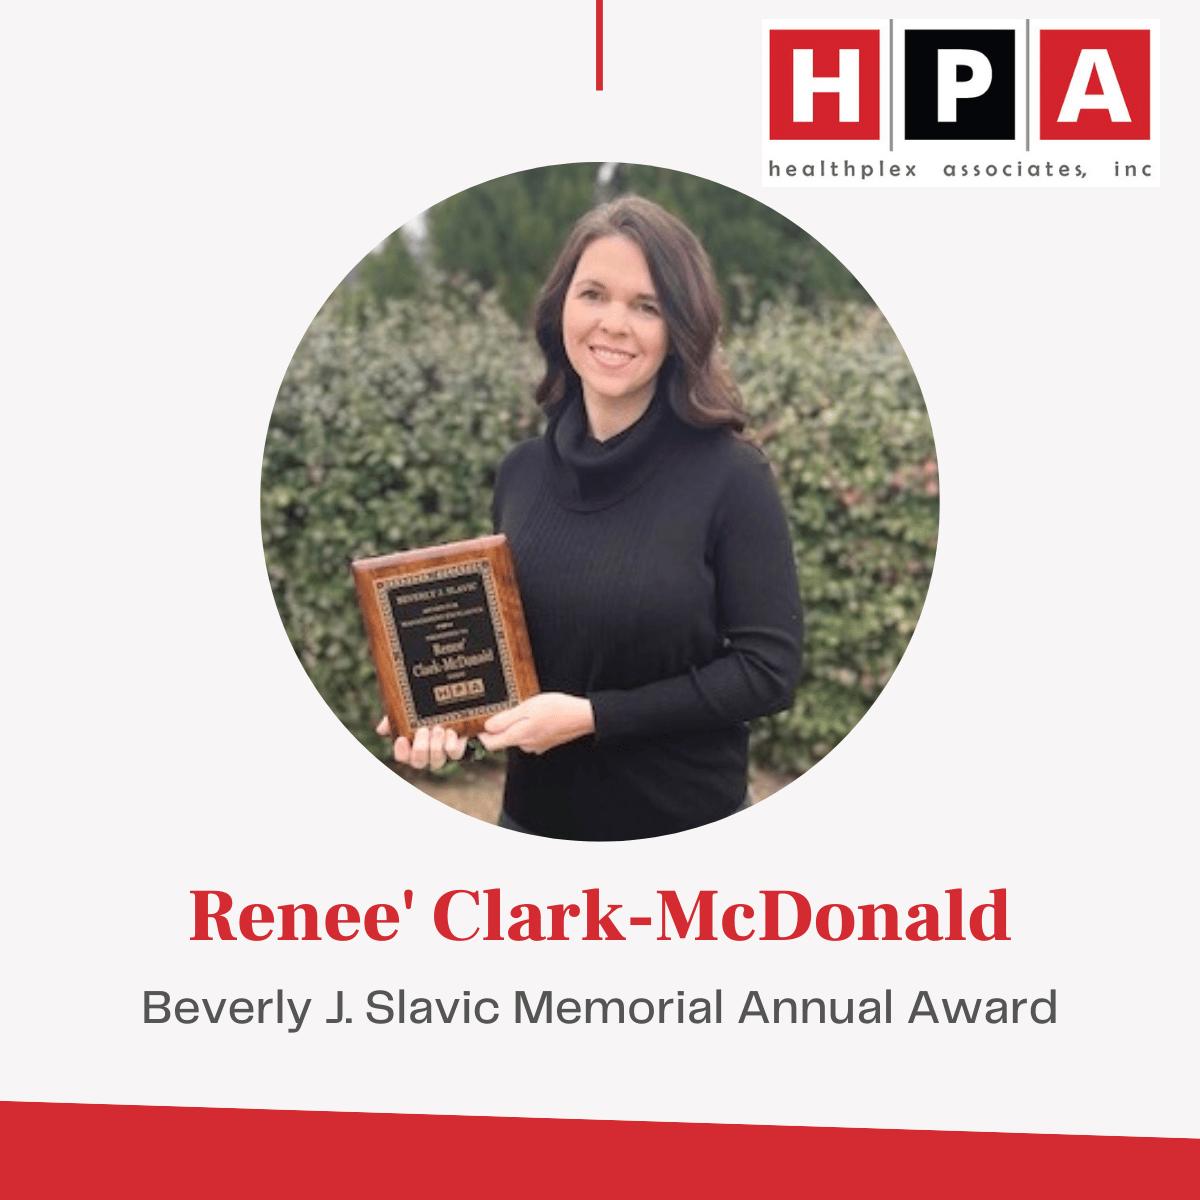 Renee' Clark-McDonald